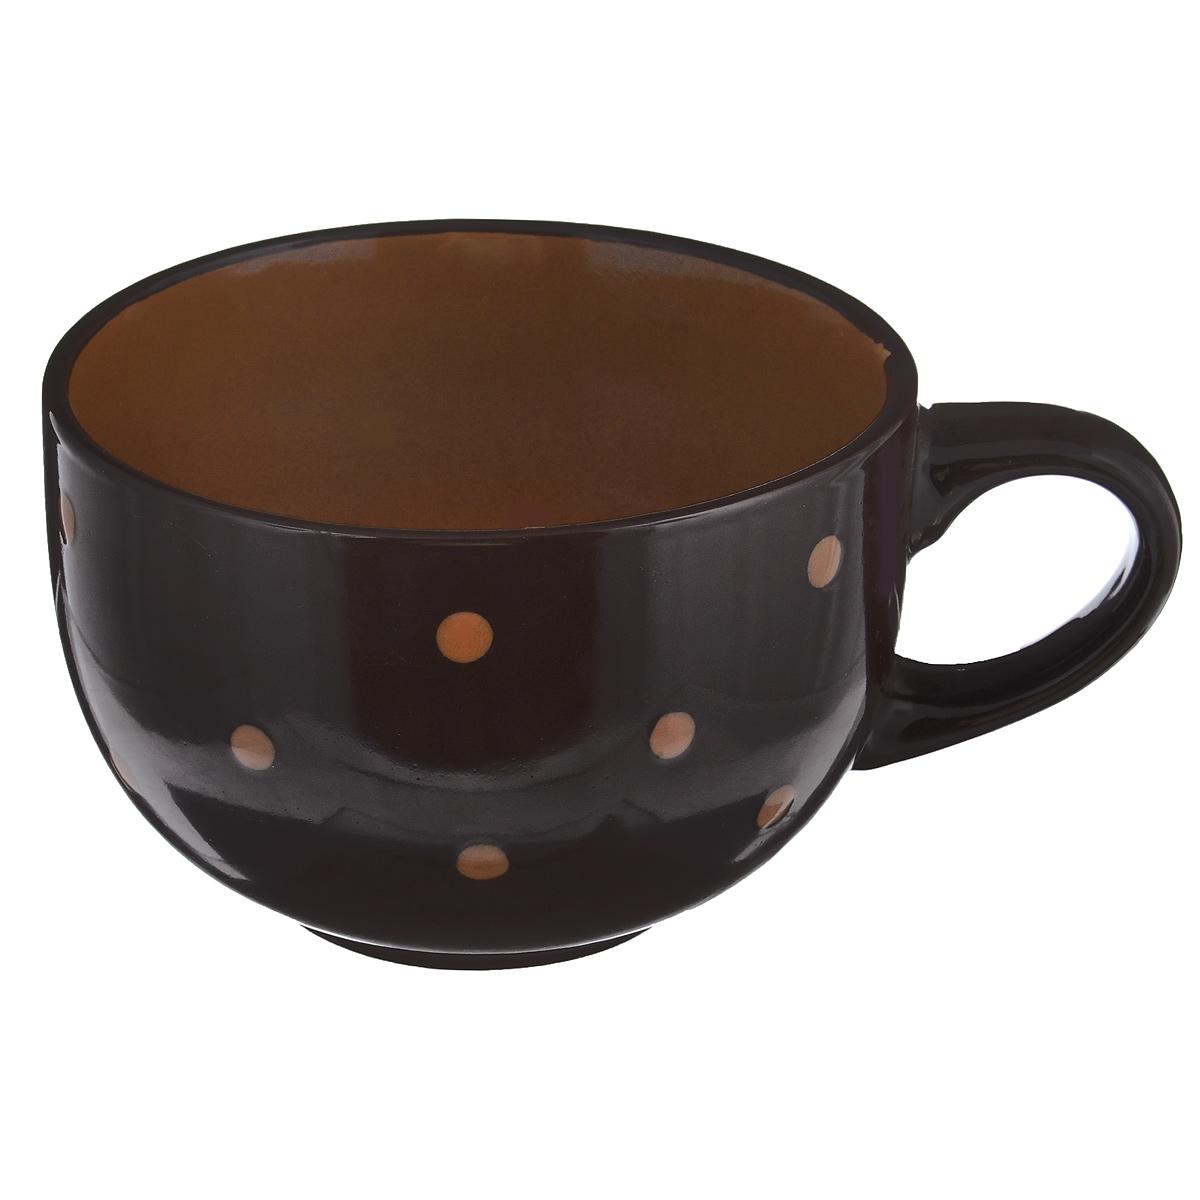 Чашка большая Горошек, цвет: темно-коричневый, 640 млHV95516BRБольшая чашка Горошек изготовлена из высококачественной керамики. Первоклассная глина, двухступенчатый обжиг, мягкие краски и простой контрастный рисунок в горошек на глянцевой поверхности - отличительные особенности данного изделия. Такая чашка прекрасно подойдет для горячих и холодных напитков, а также для супа, хлопьев, каш и т.д. Она дополнит коллекцию вашей кухонной посуды и будет служить долгие годы. Можно использовать в посудомоечной машине и СВЧ. Поверхность не царапается при щадящем мытье, без использования абразивов и химически агрессивных моющих средств.Объем: 640 мл. Диаметр чашки (по верхнему краю): 13 см. Высота стенки чашки: 8,5 см.